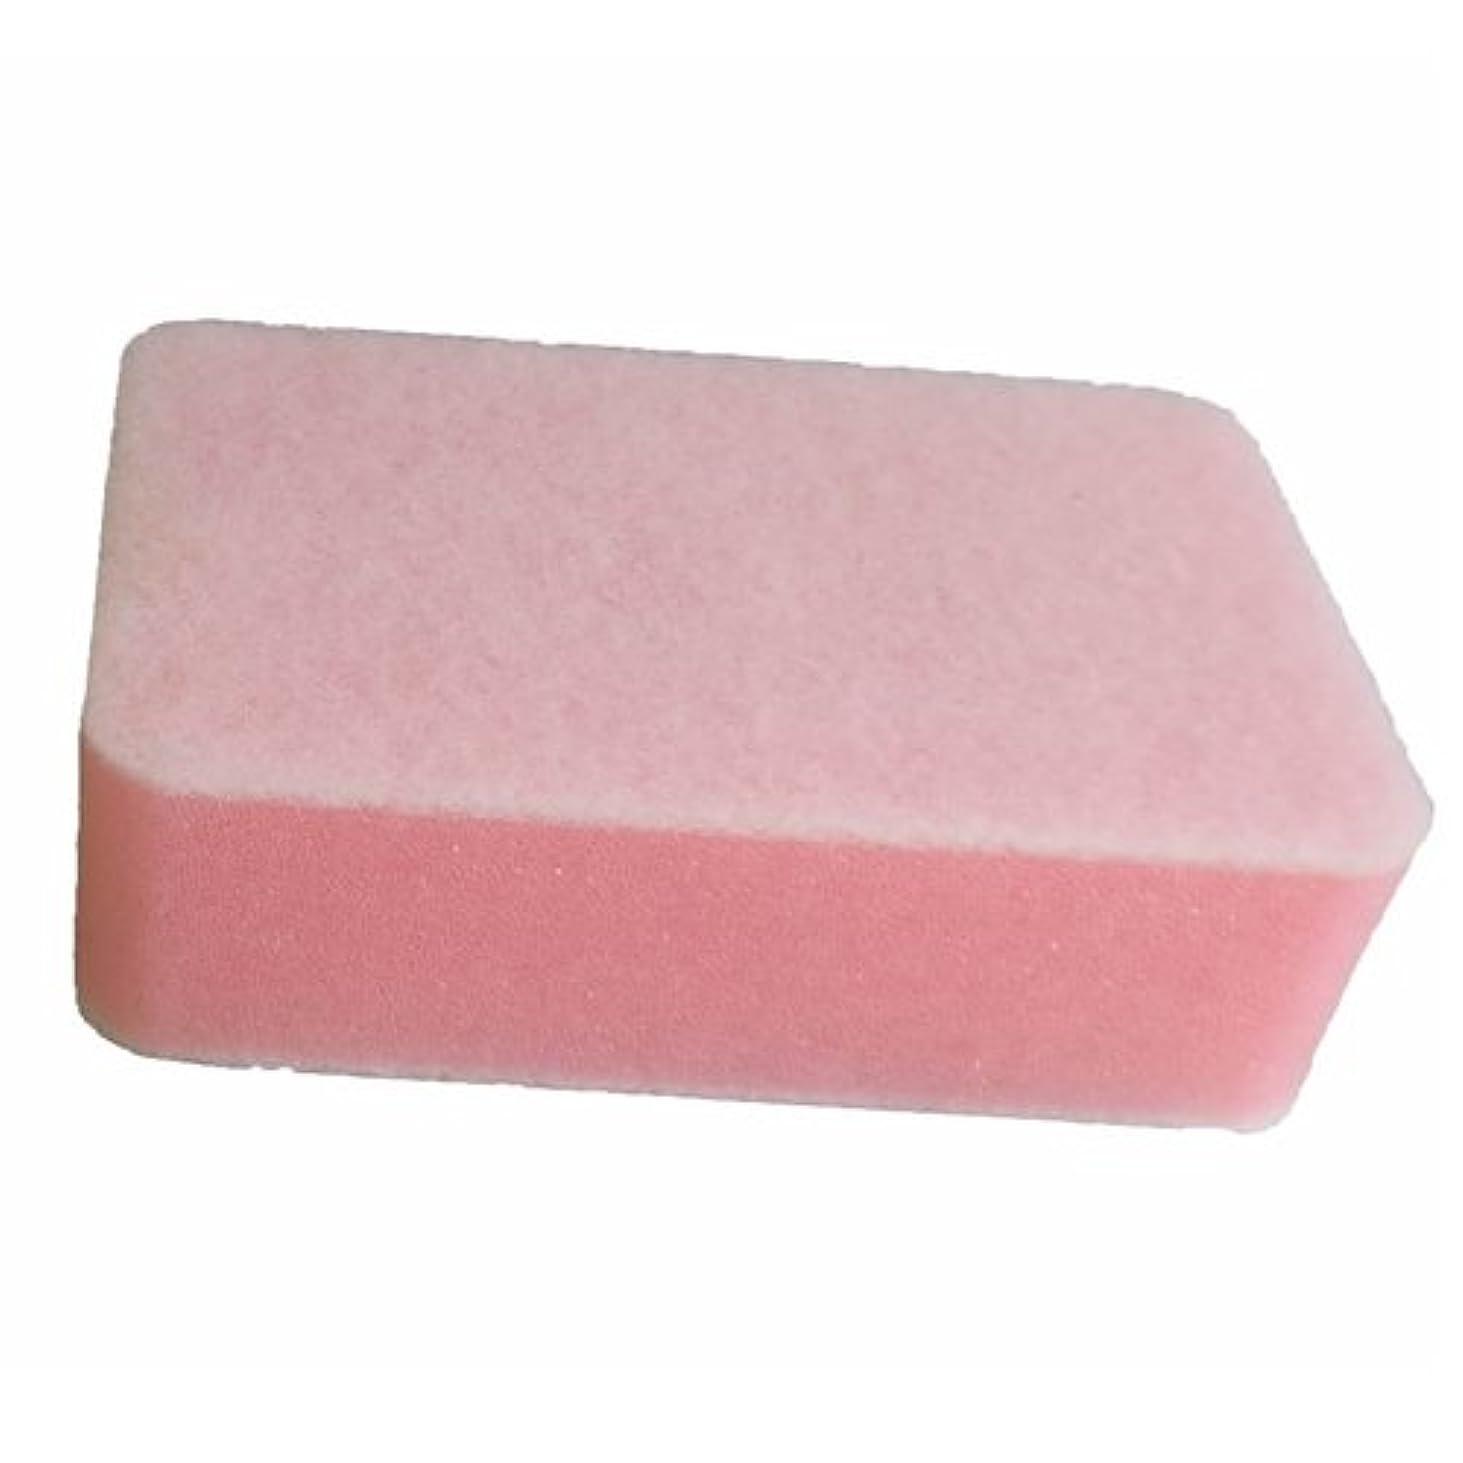 とまり木モナリザ同様のバススポンジ フロピカ ピンク